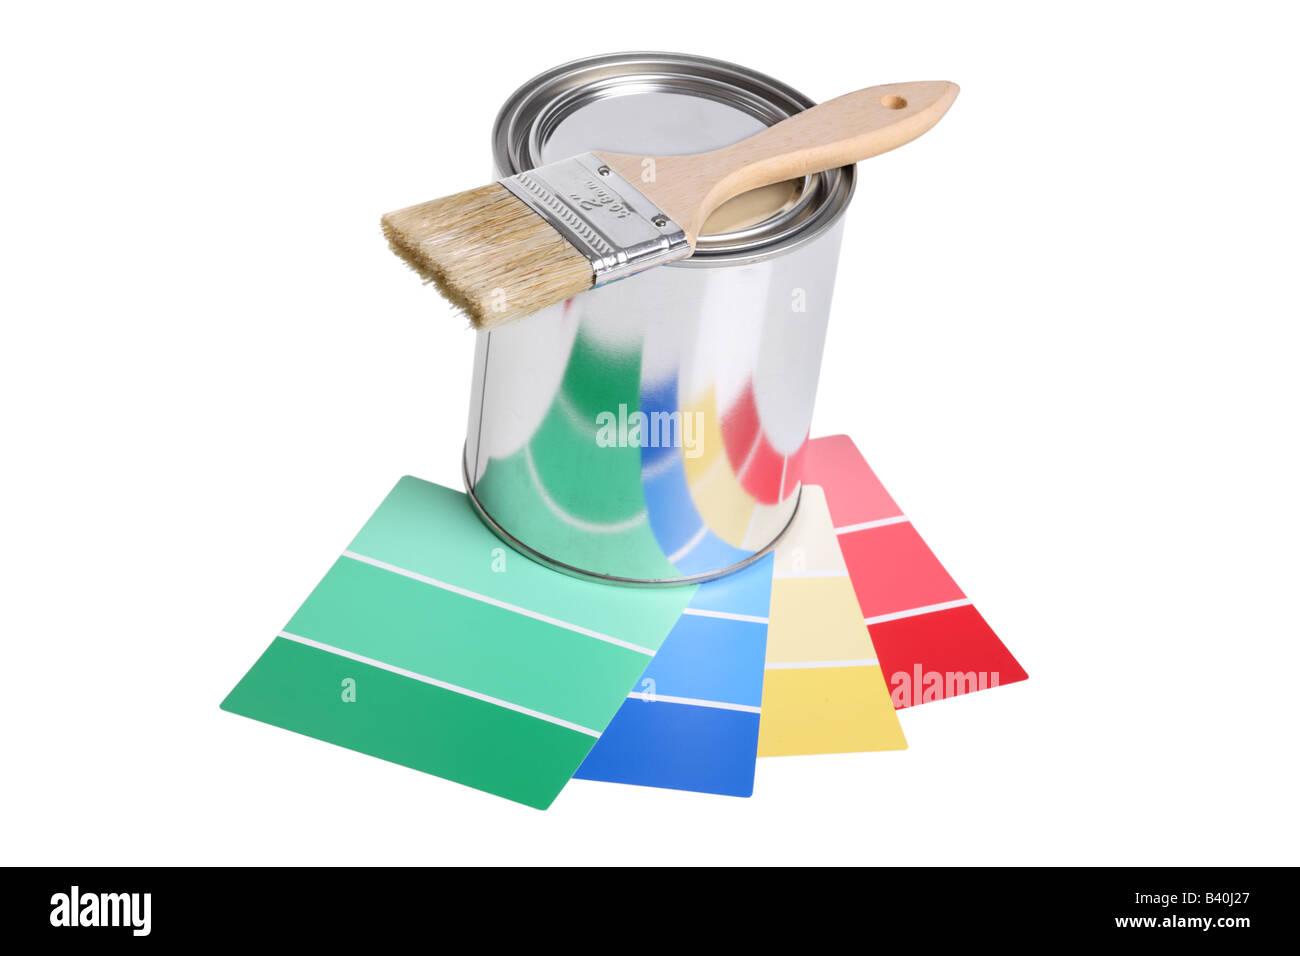 Pinsel malen kann und Farbfelder Ausschneiden isoliert auf weißem Hintergrund Stockbild